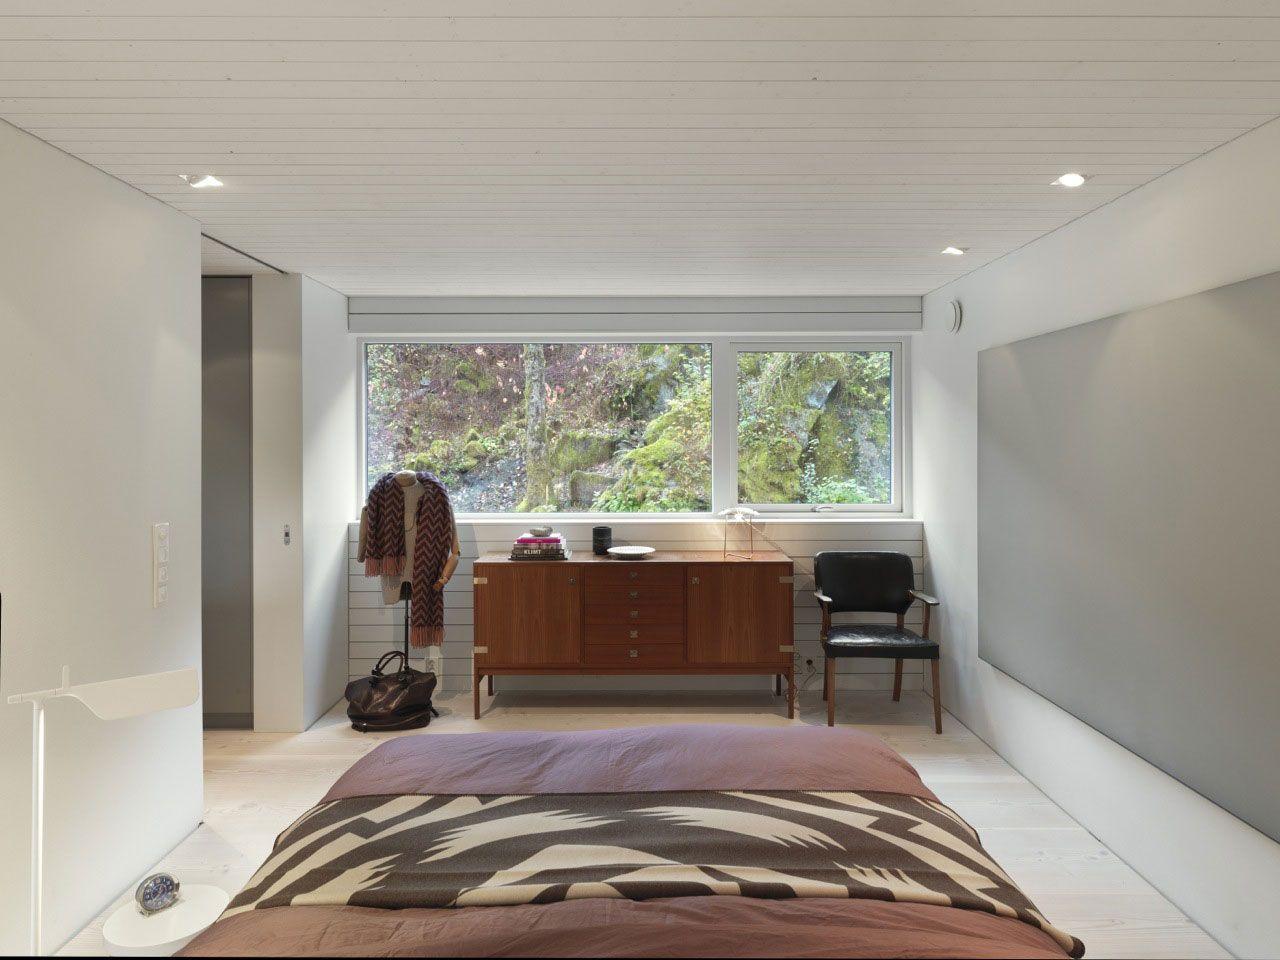 Villa-S-Saunders-Architecture-14